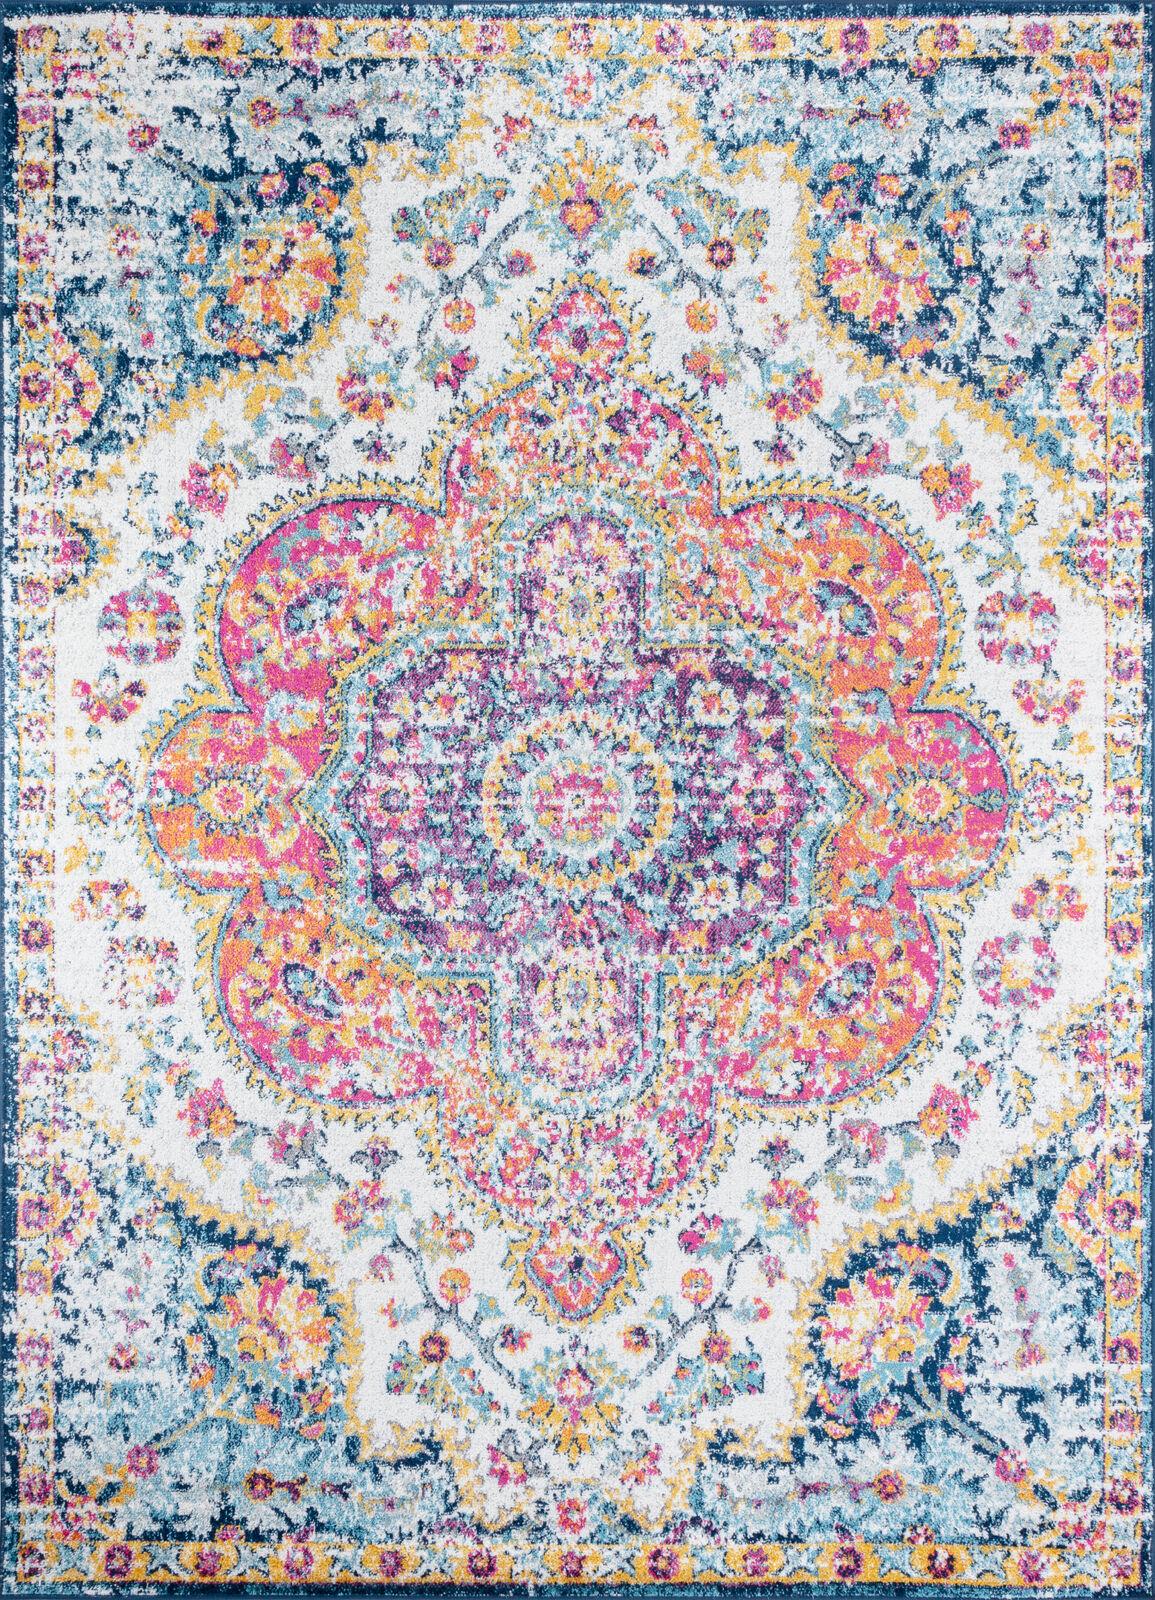 Surya Tapis de salon classique multicolore rose, safran et bleu 160x220